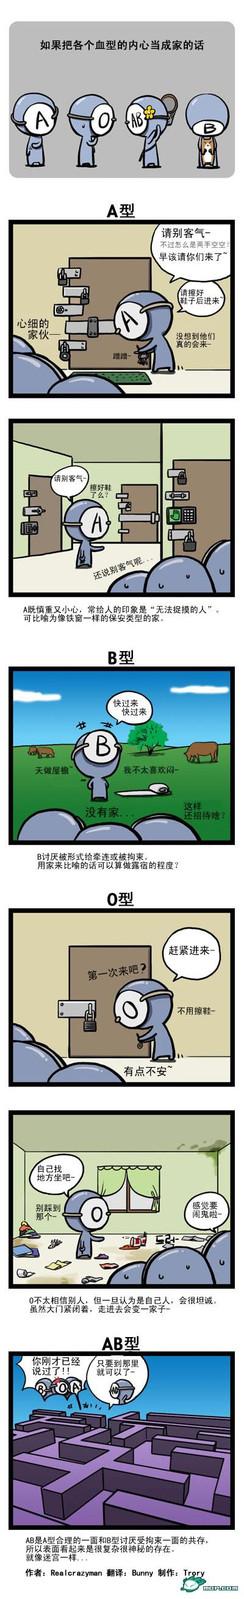 Bc4401b94d04dd4ef3ecd1e772d7c760